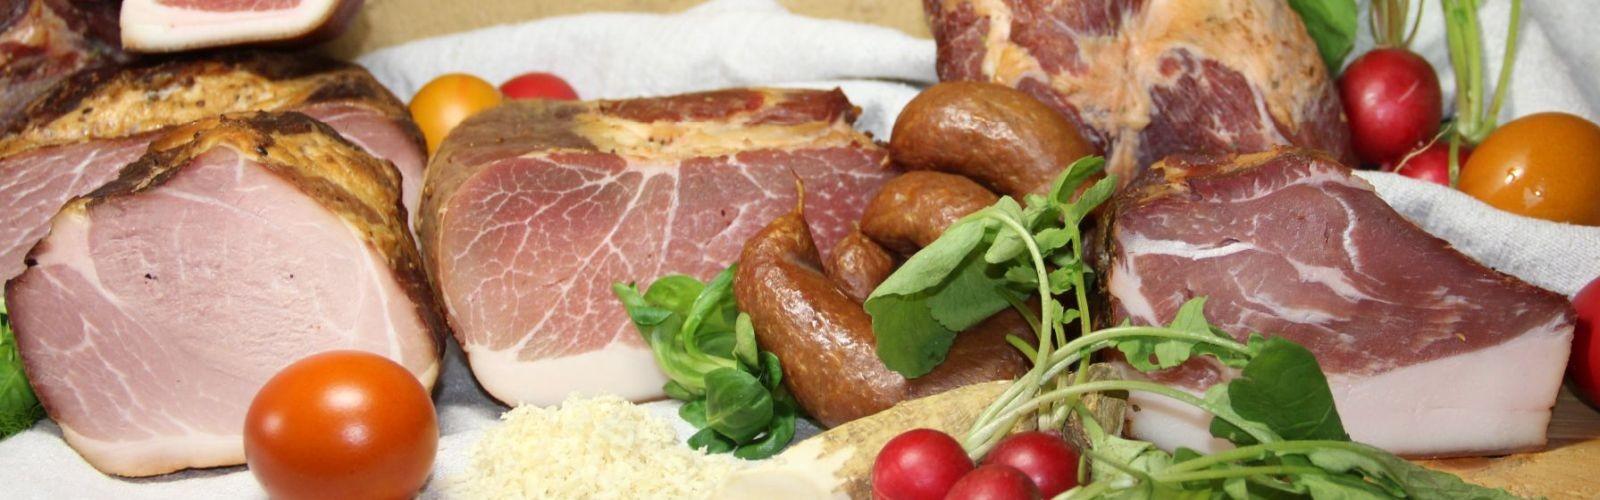 Motivbild der Seite OsterJause / Osterfleisch gekocht, geselcht